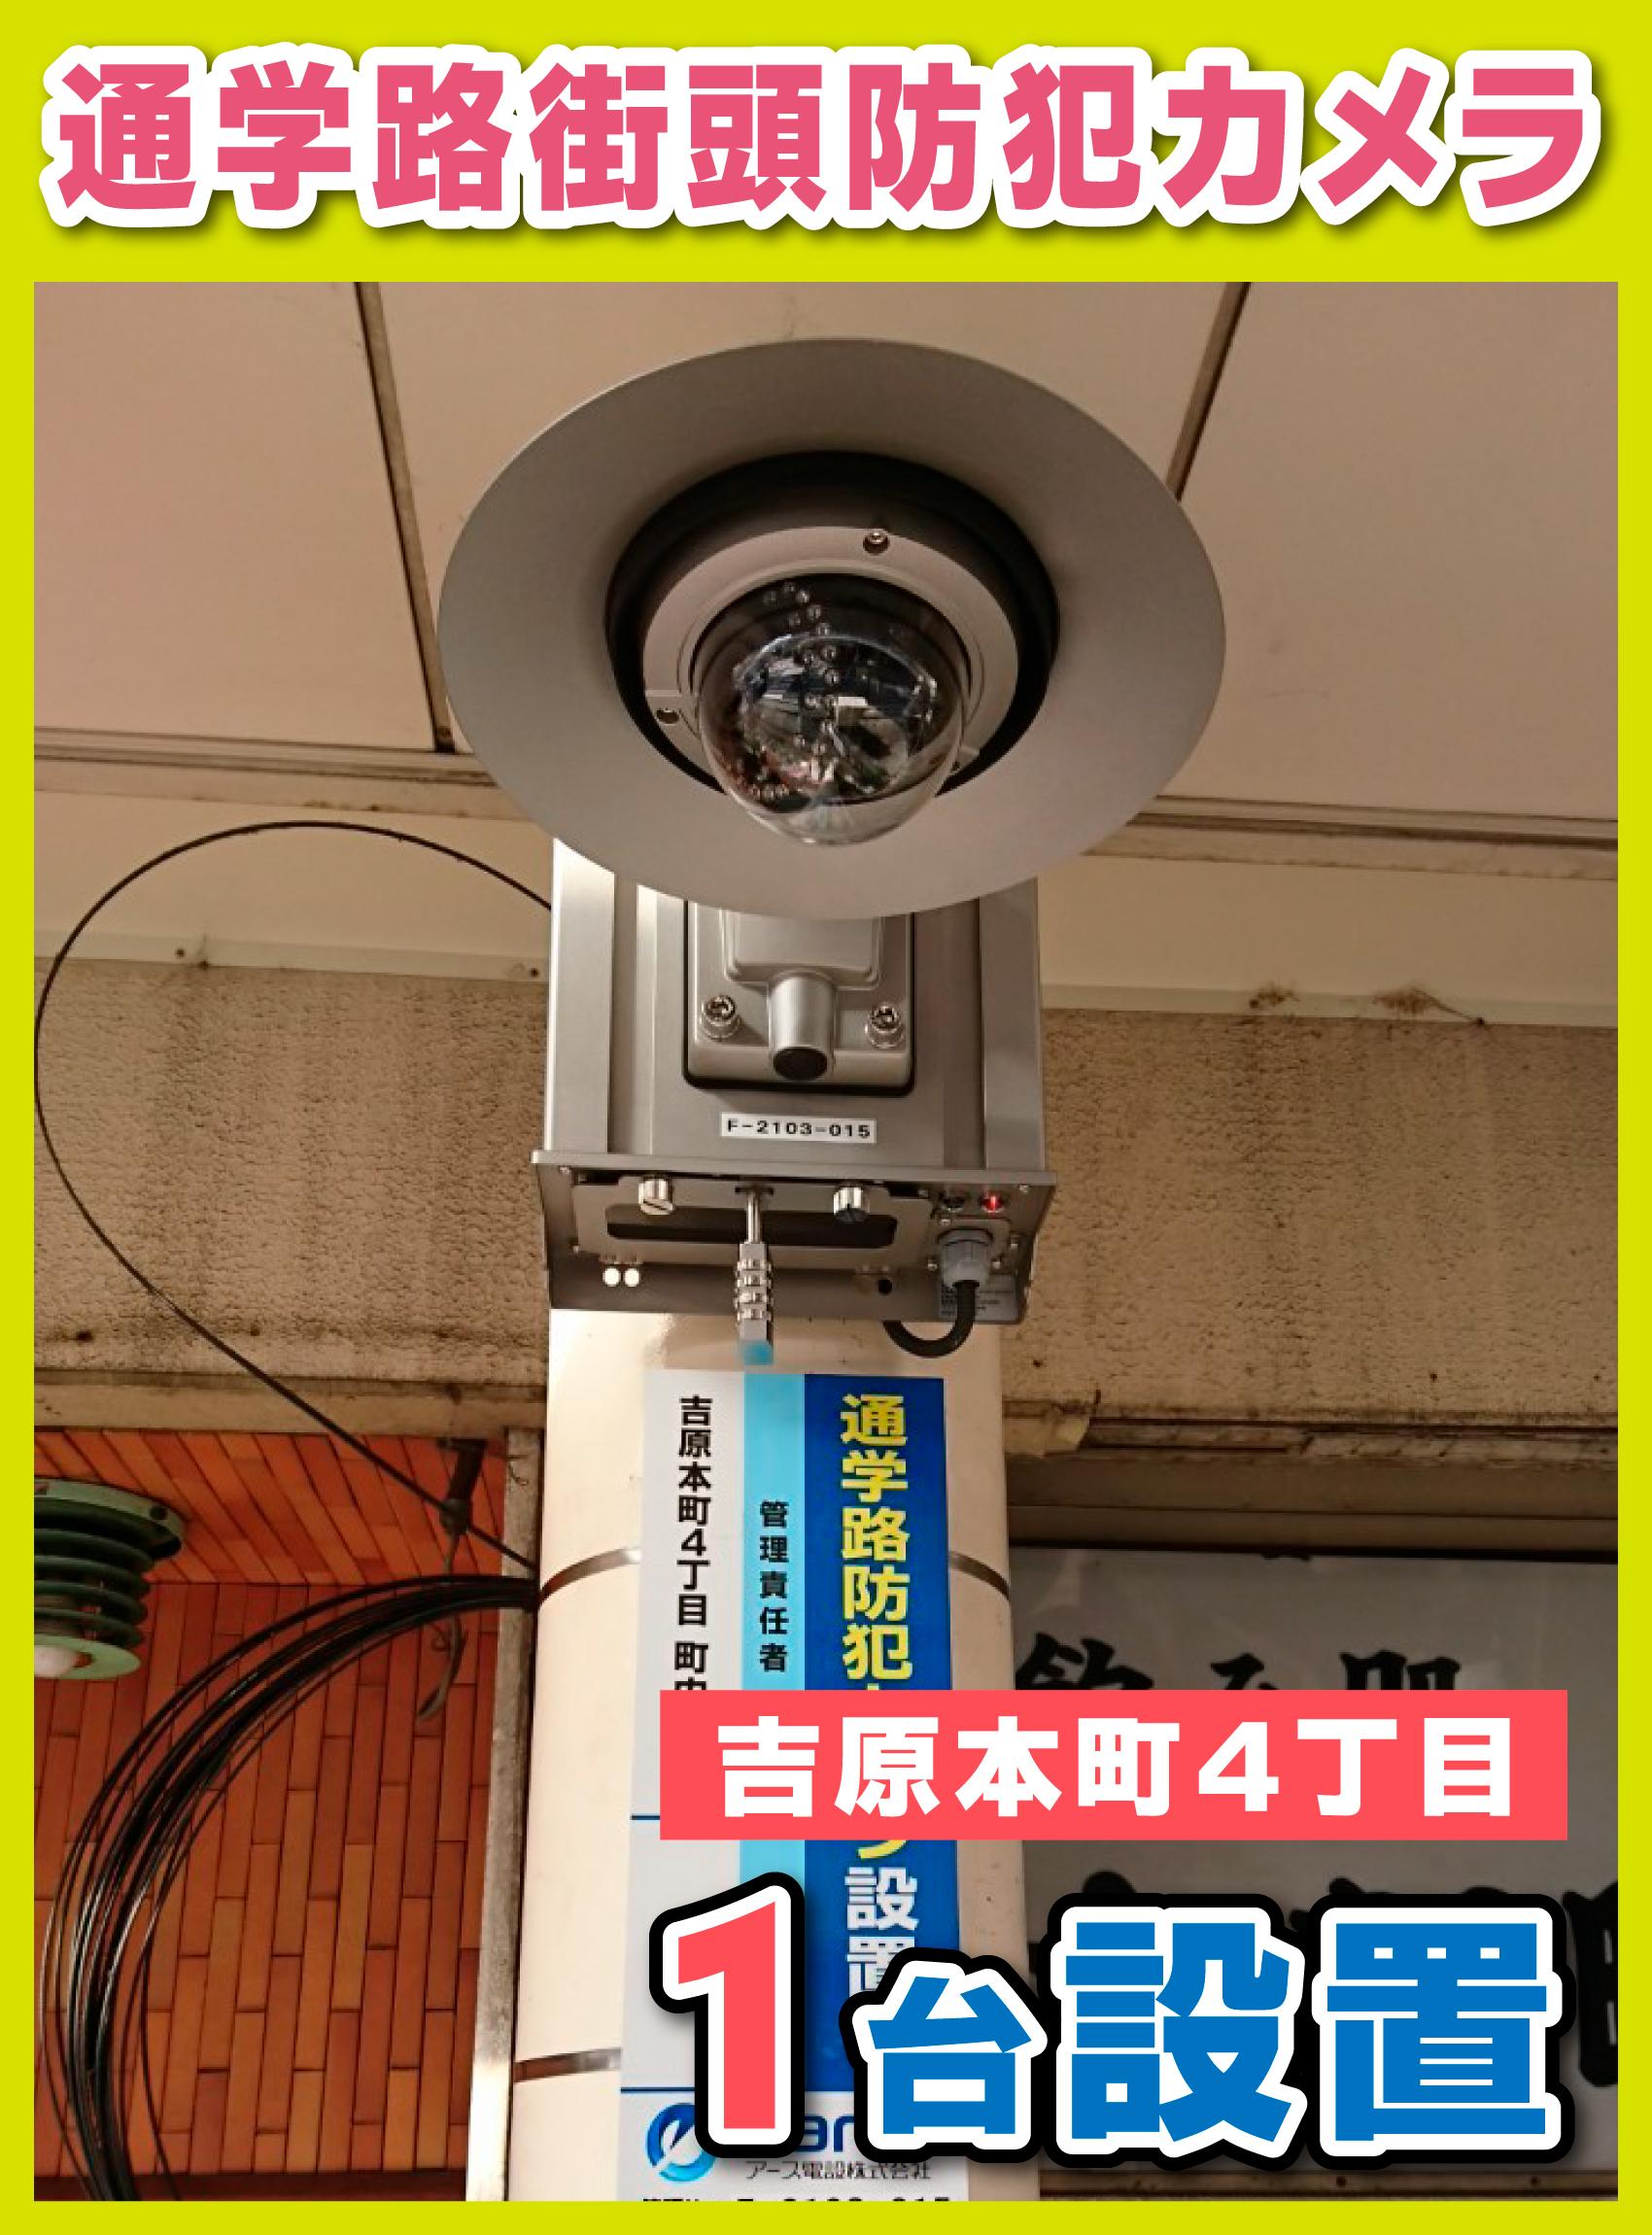 【街頭防犯カメラシリーズ】吉原本町4丁目様